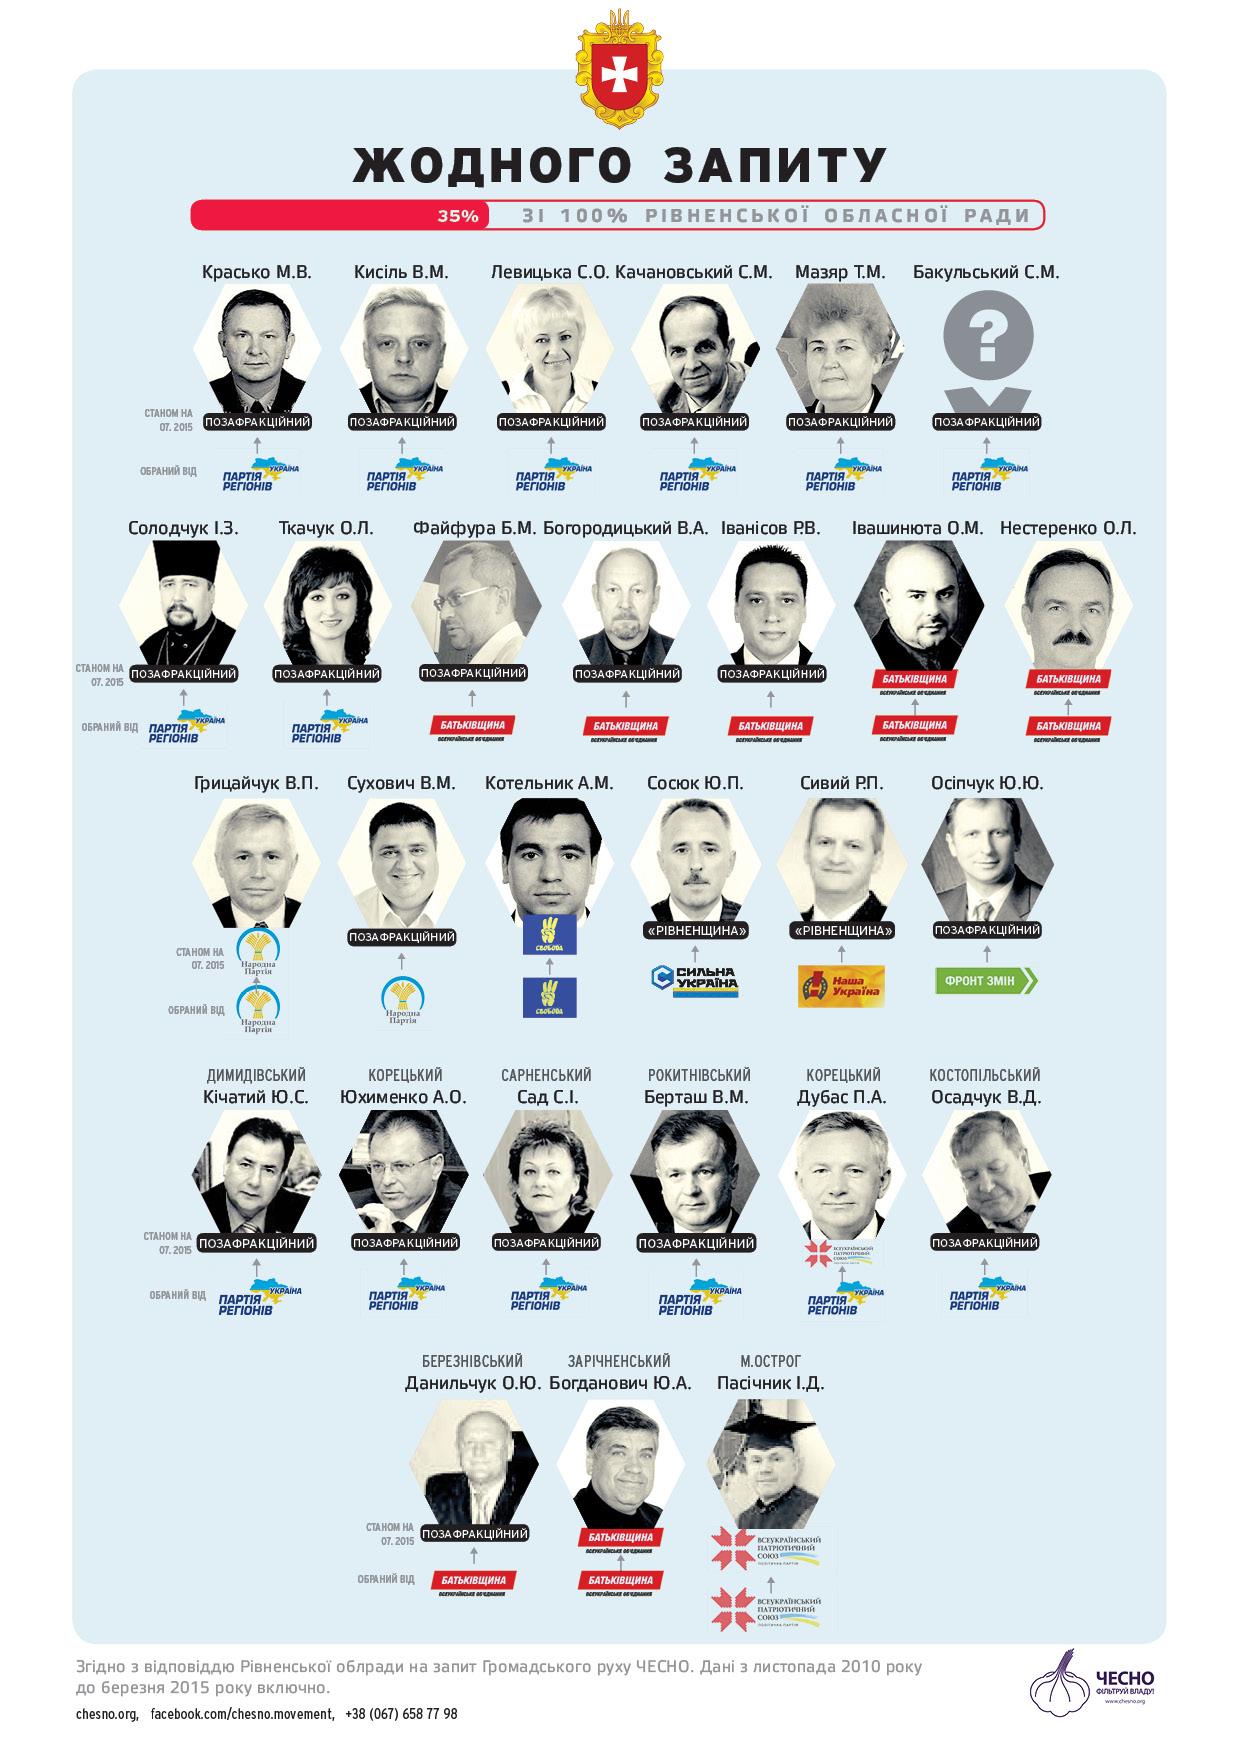 запити депутатів Рівненської облради